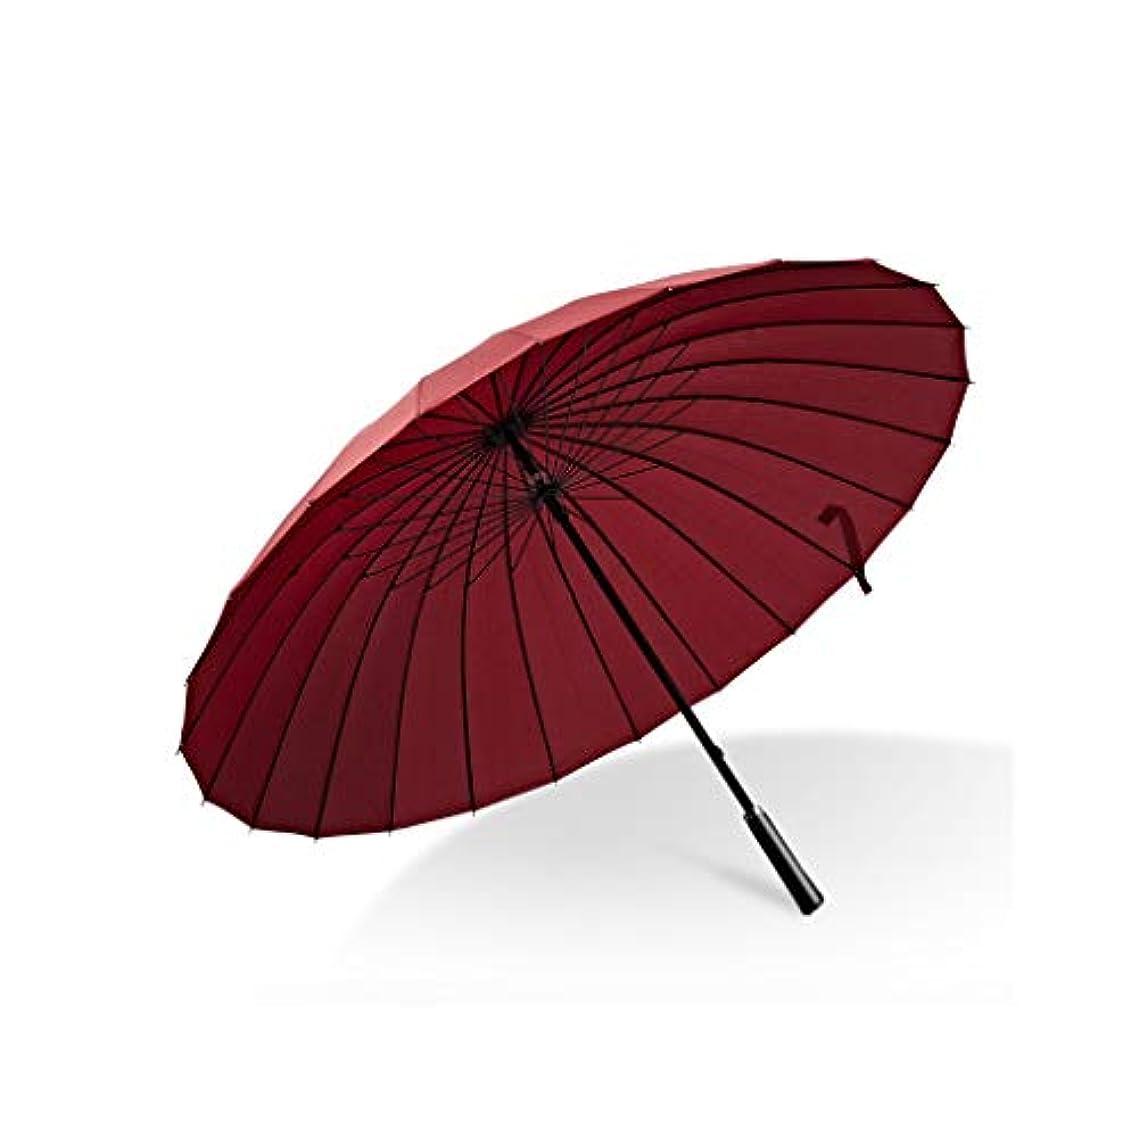 分析的腐敗天文学男性と女性のための日傘傘UV傘家庭用傘折りたたみ屋外専用の小さくて便利な日よけ日焼け止め防水日傘(黒) (色 : 赤)